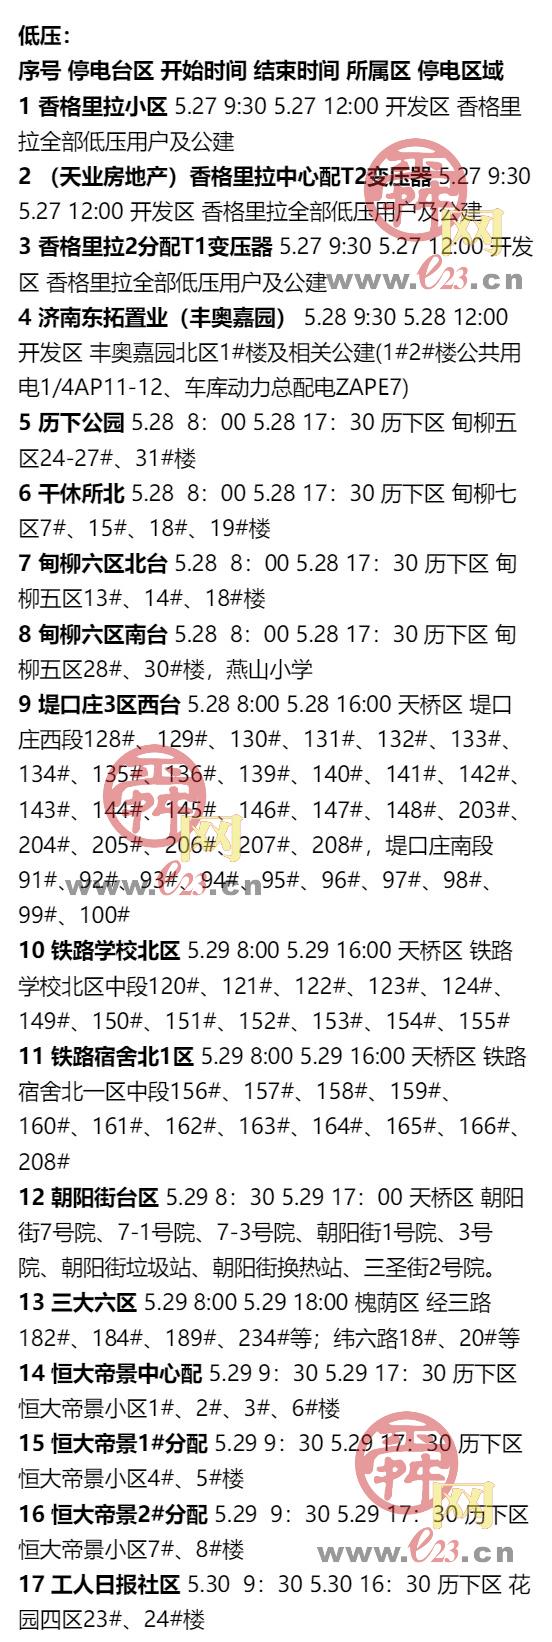 5月25日至5月31日济南部分区域电力设备检修通知